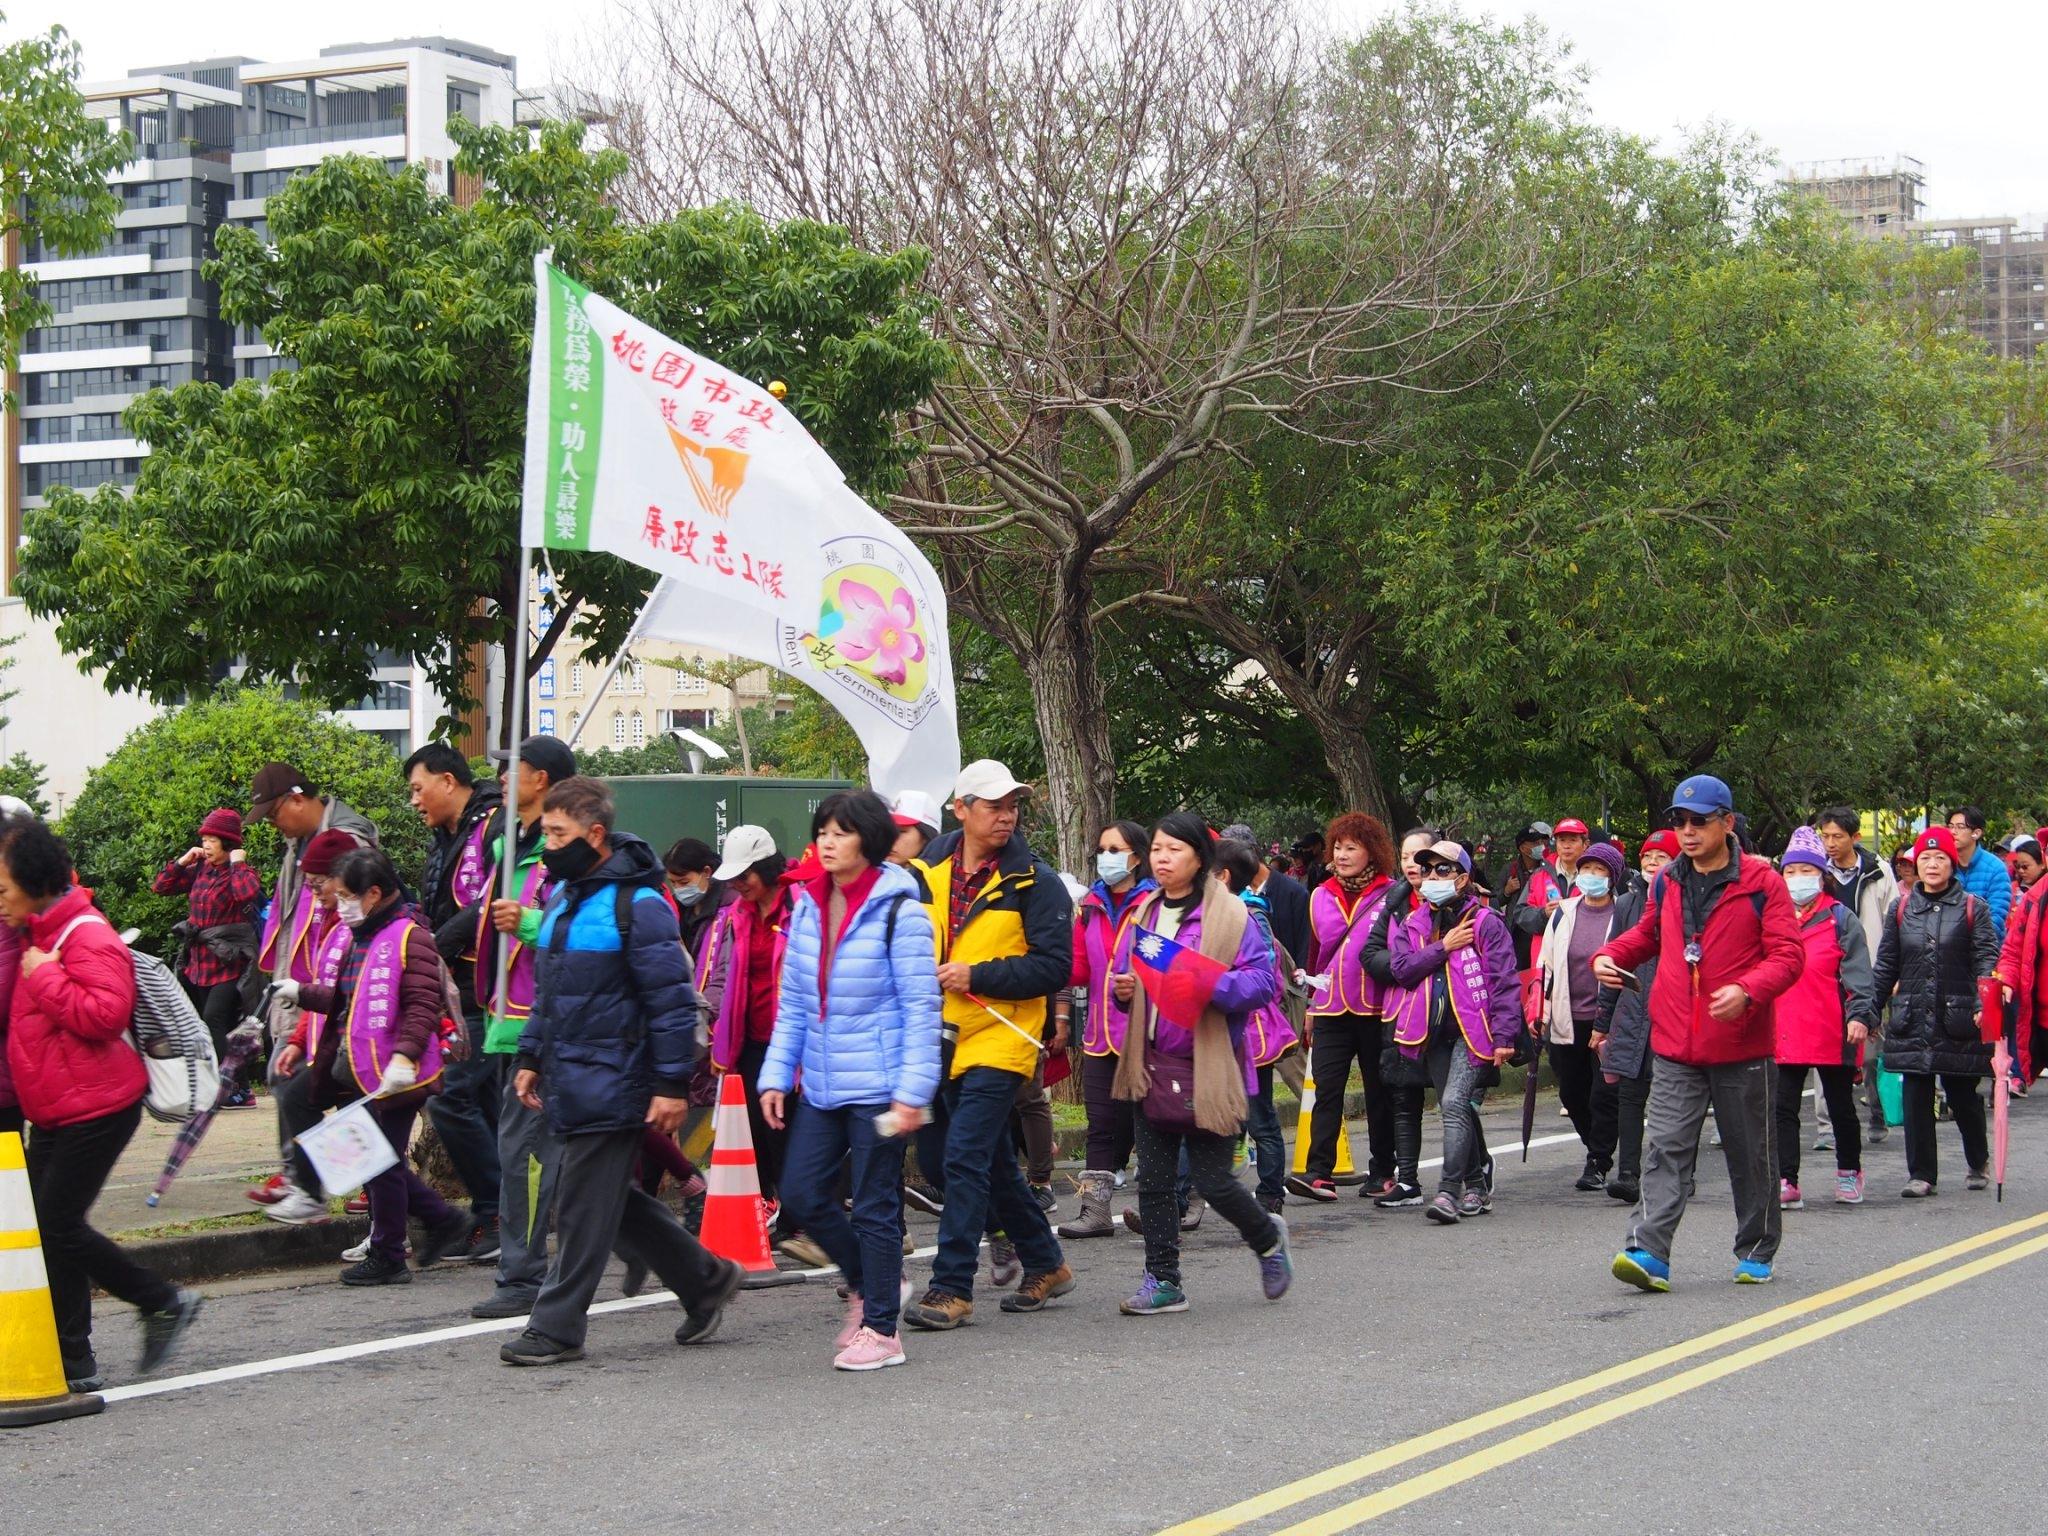 本處廉政志工隊與寒風同行,向前邁步。